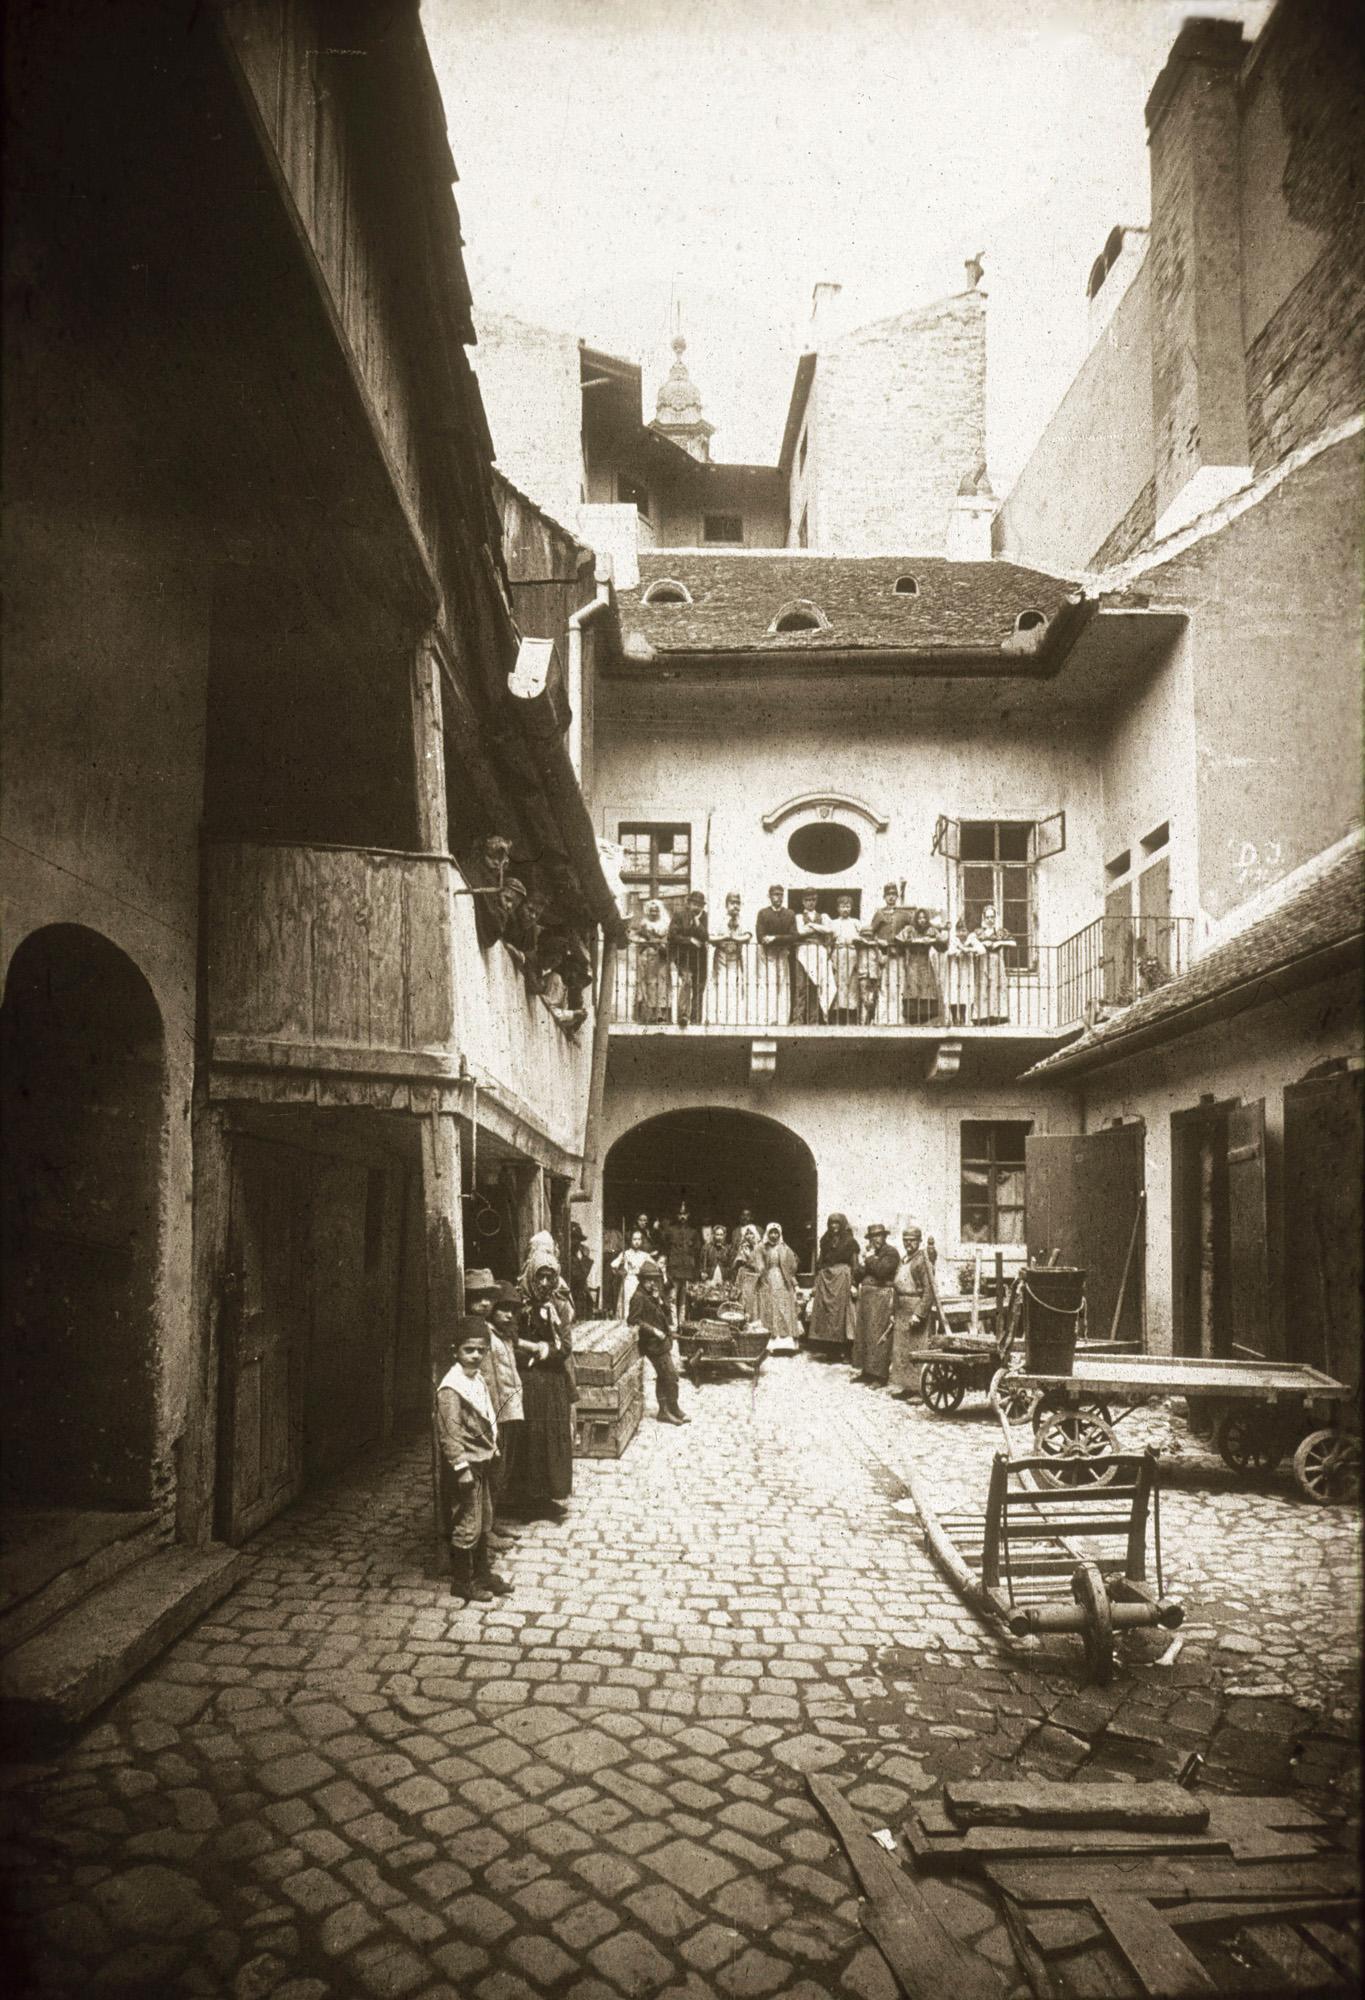 Fotó: Klösz György: Udvar a belvárosban, Torony u. és Duna u. sarok, 1890 körül (Kisképző Digitális Fotótár)